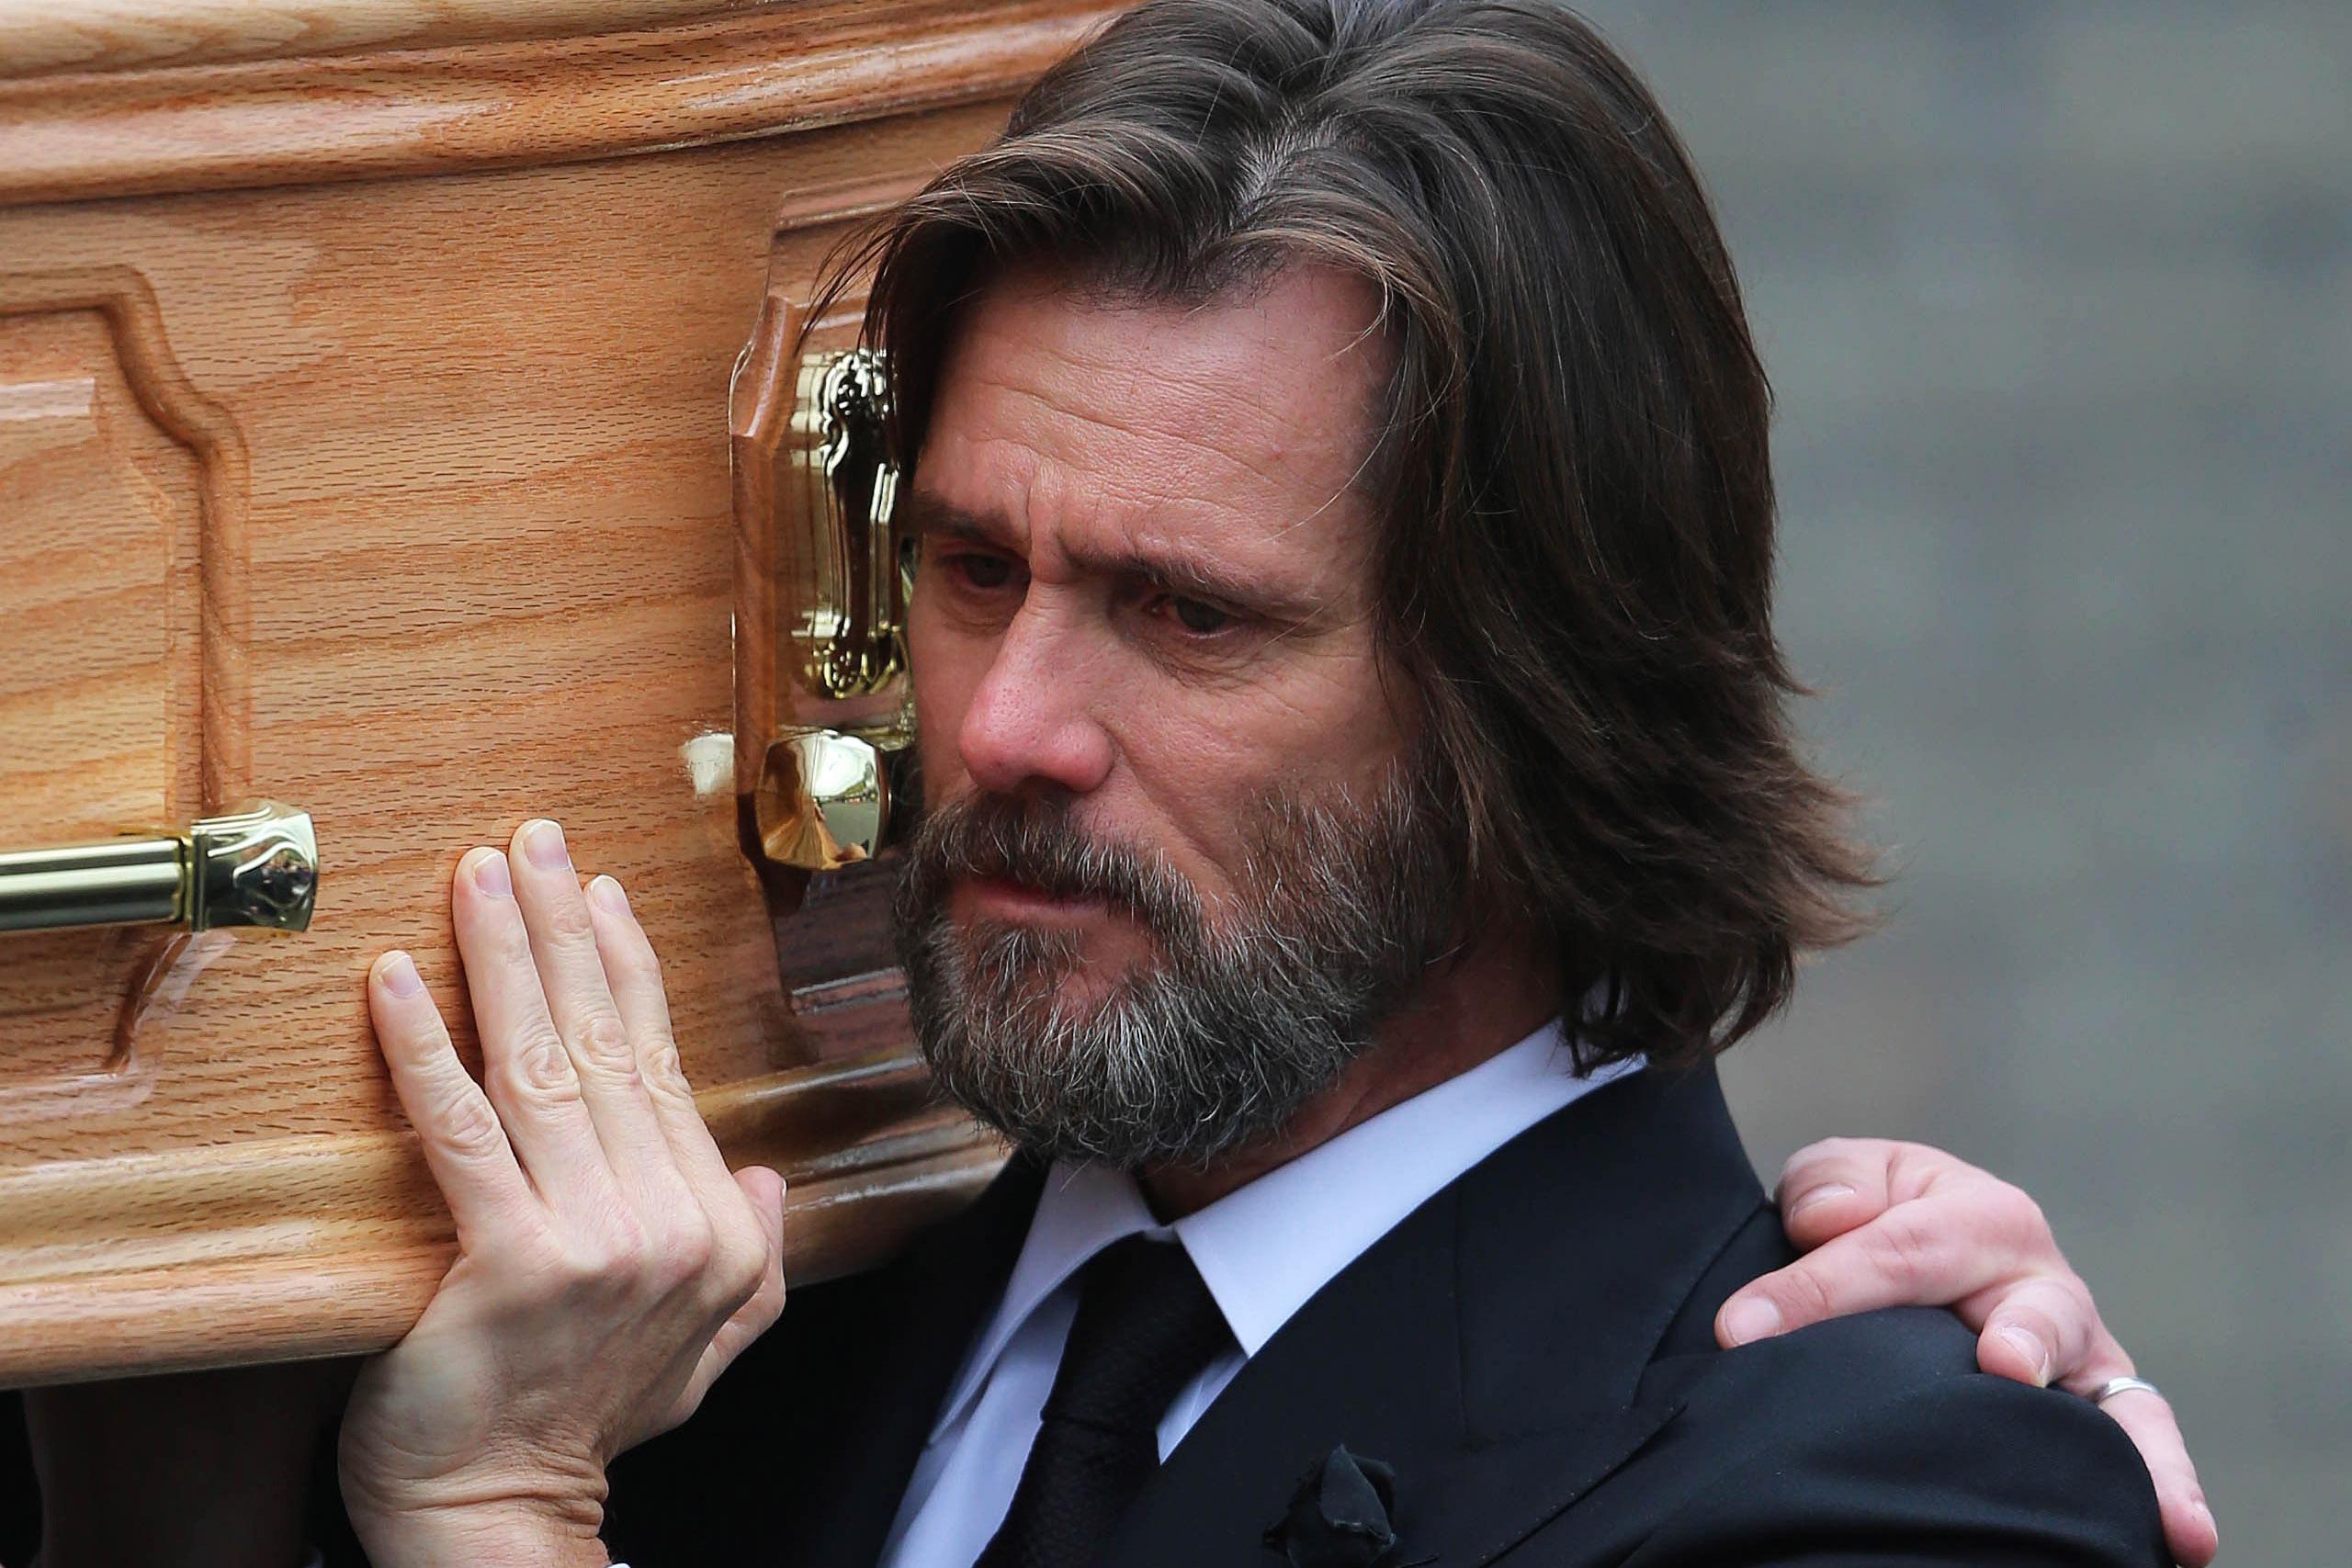 Jim Carrey affetto da Herpes Simplex? L'accusa dell'ex ...